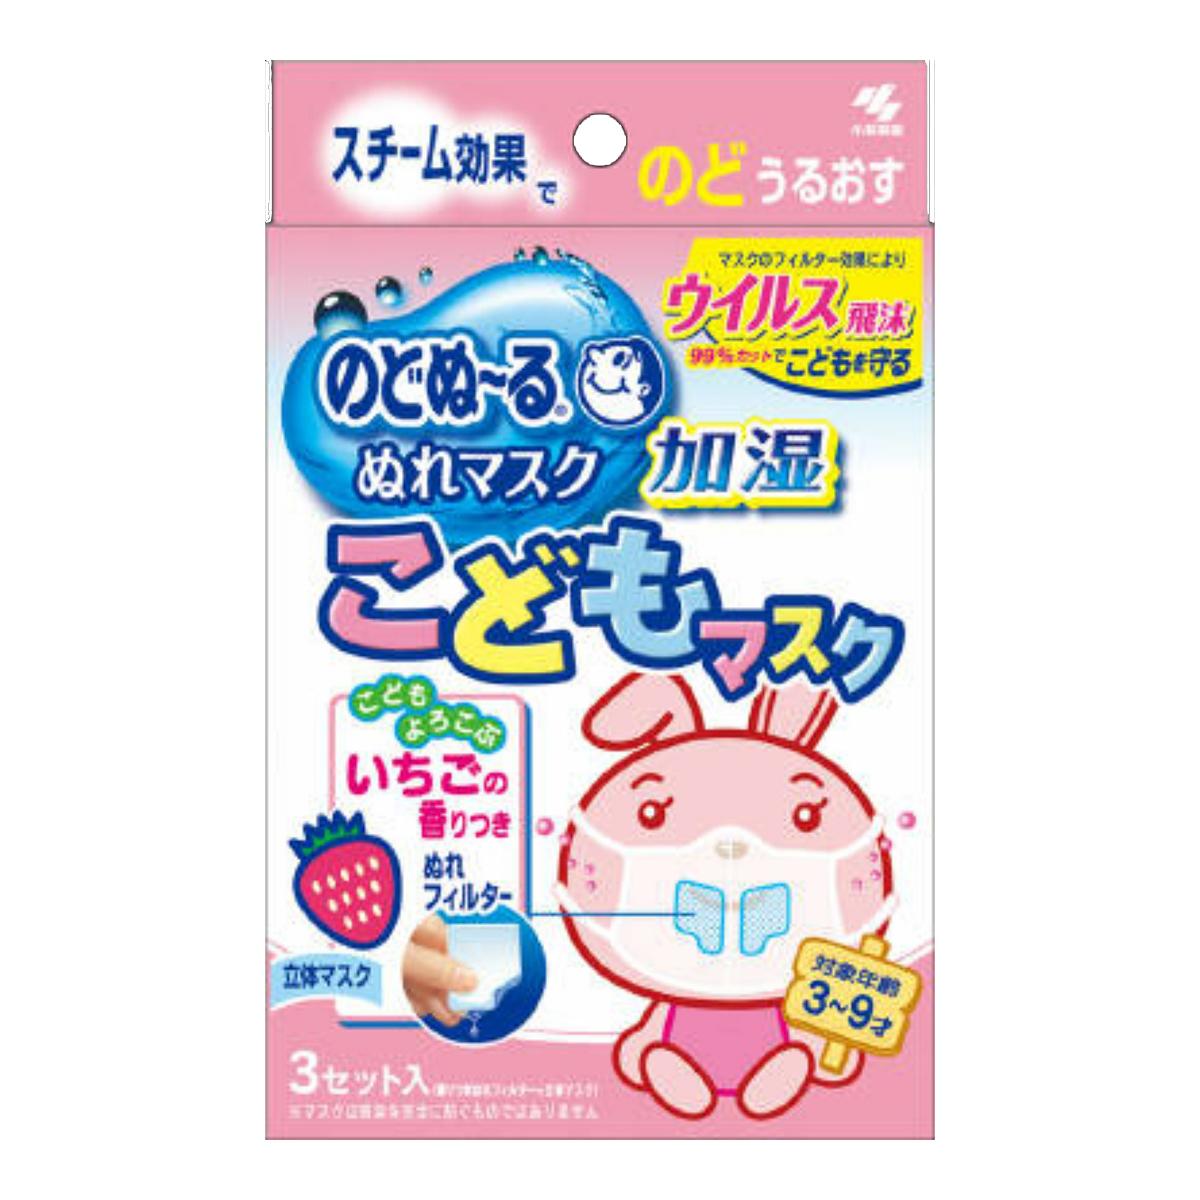 【送料無料】小林製薬 のどぬ~るぬれマスクこどもマスク いちごの香り ×48点セット まとめ買い特価!ケース販売 ( 4987072032435 )